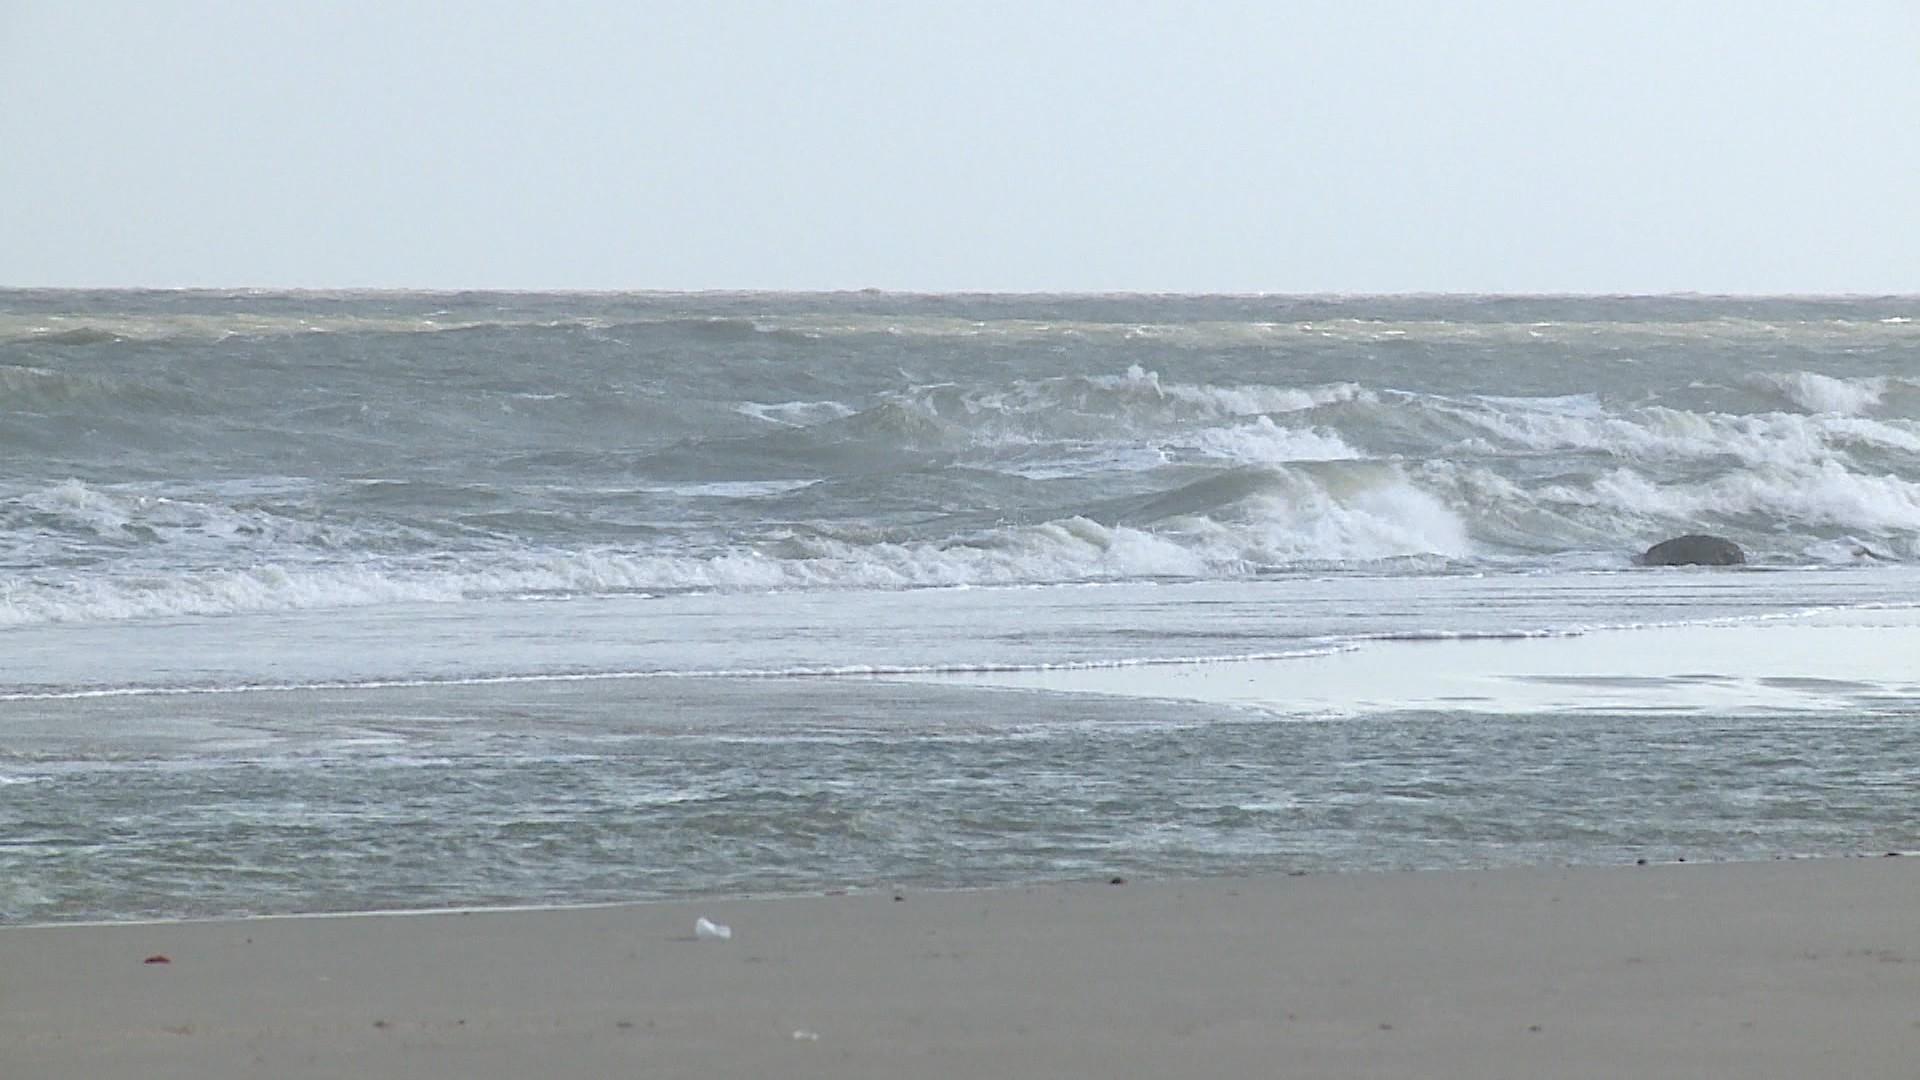 Marinha emite alerta de ventos fortes para o litoral de São Luís  - Notícias - Plantão Diário